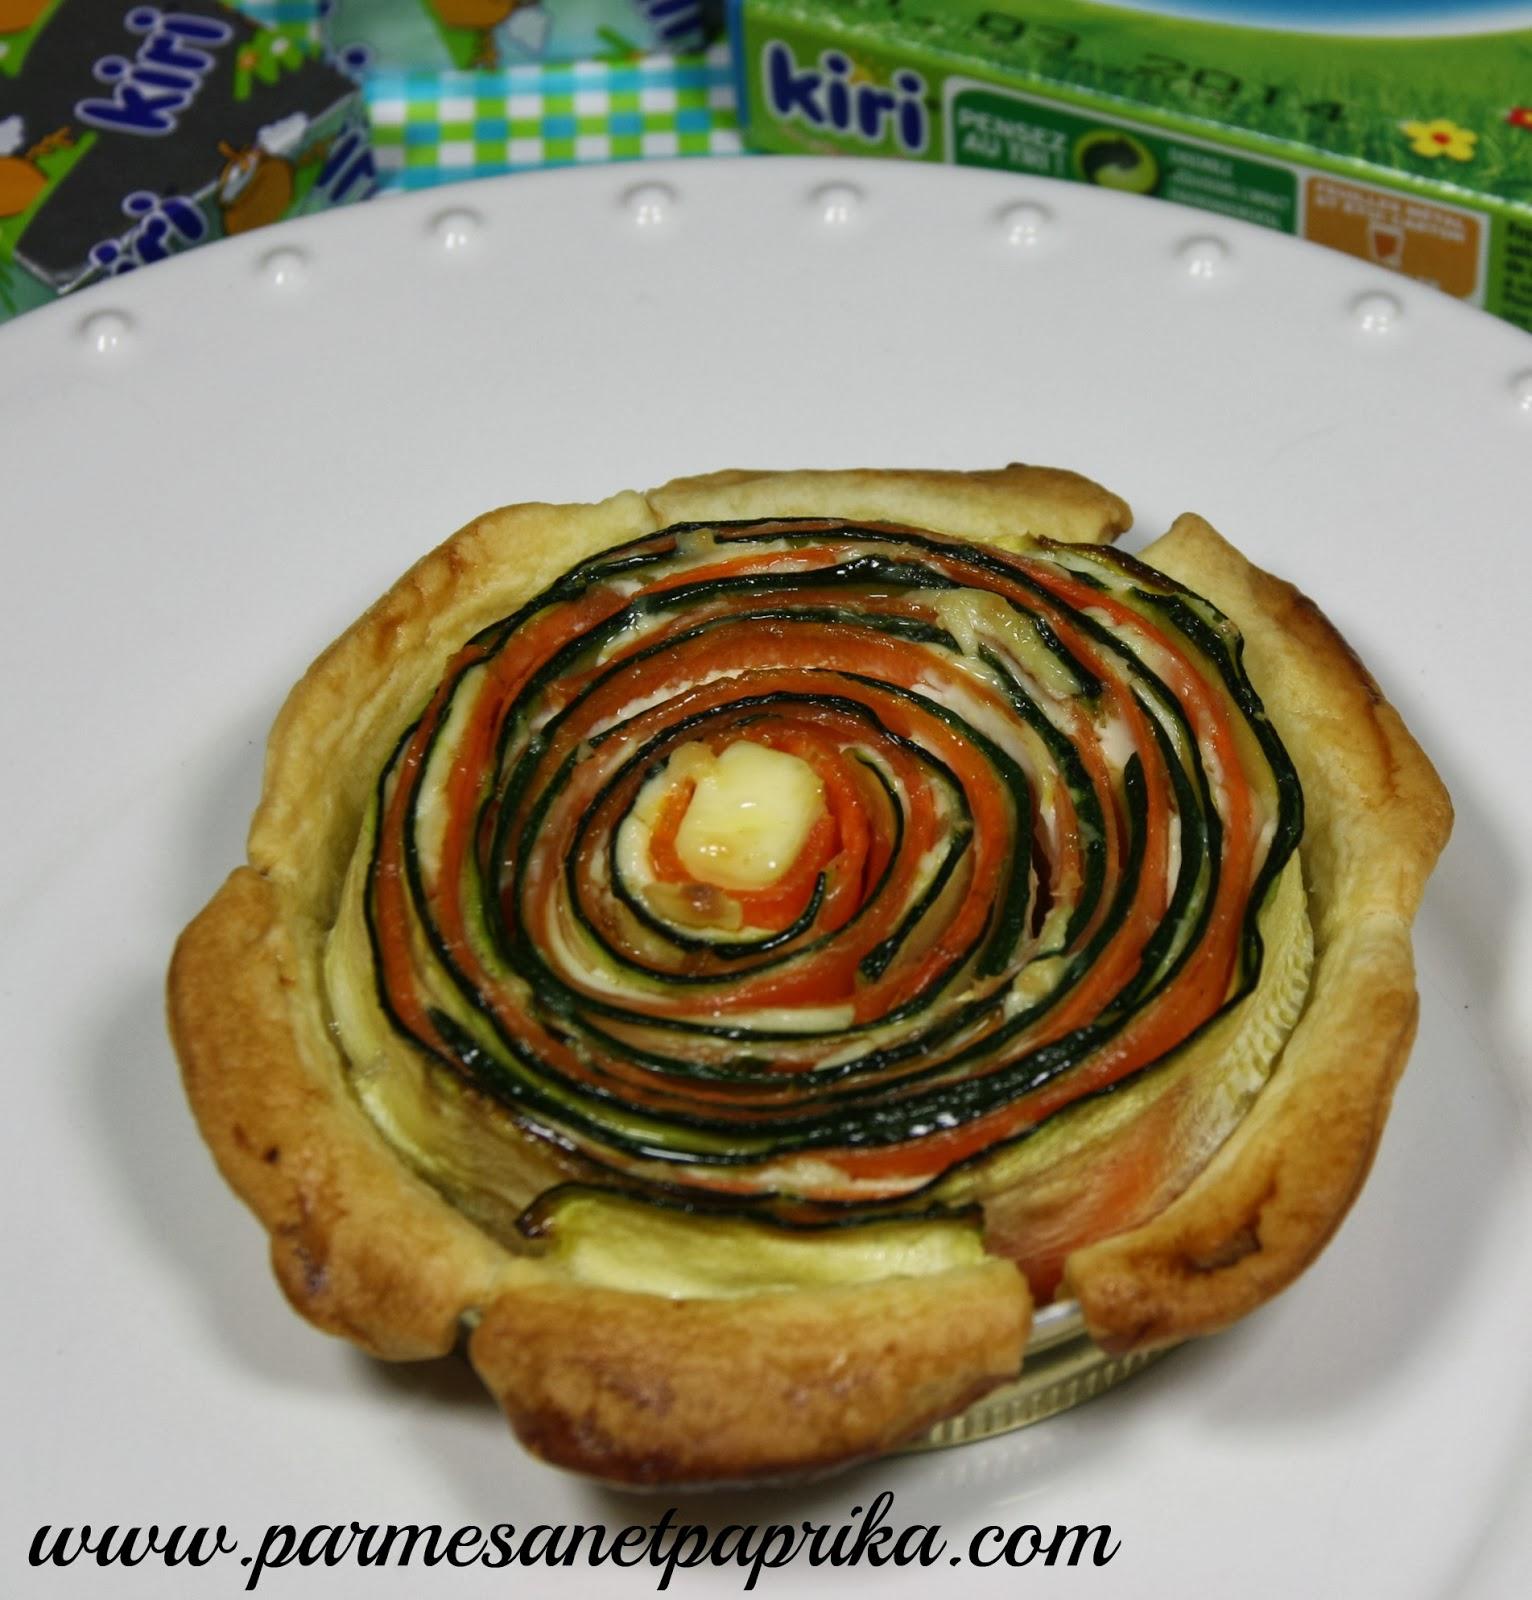 Quiche courgette, carotte, Kiri® pour Nos-Bel-Idées et un concours !   Parmesan et Paprika